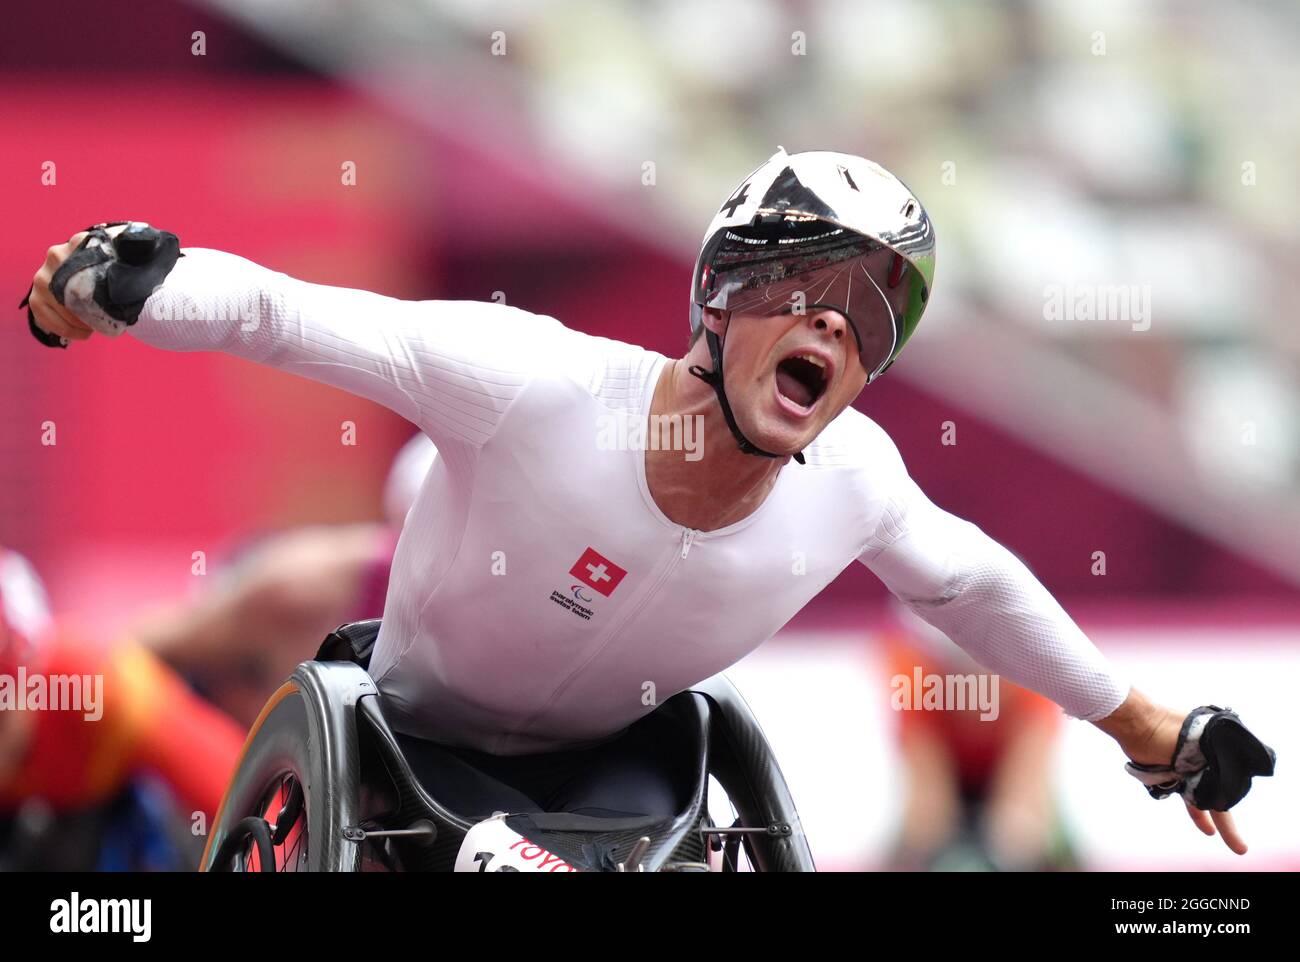 Marcel Hug in Svizzera reagisce dopo aver vinto la finale da 1500 m T54 dello Stadio Olimpico durante il giorno sette dei Giochi Paralimpici di Tokyo 2020 in Giappone. Data foto: Martedì 31 agosto 2021. Foto Stock